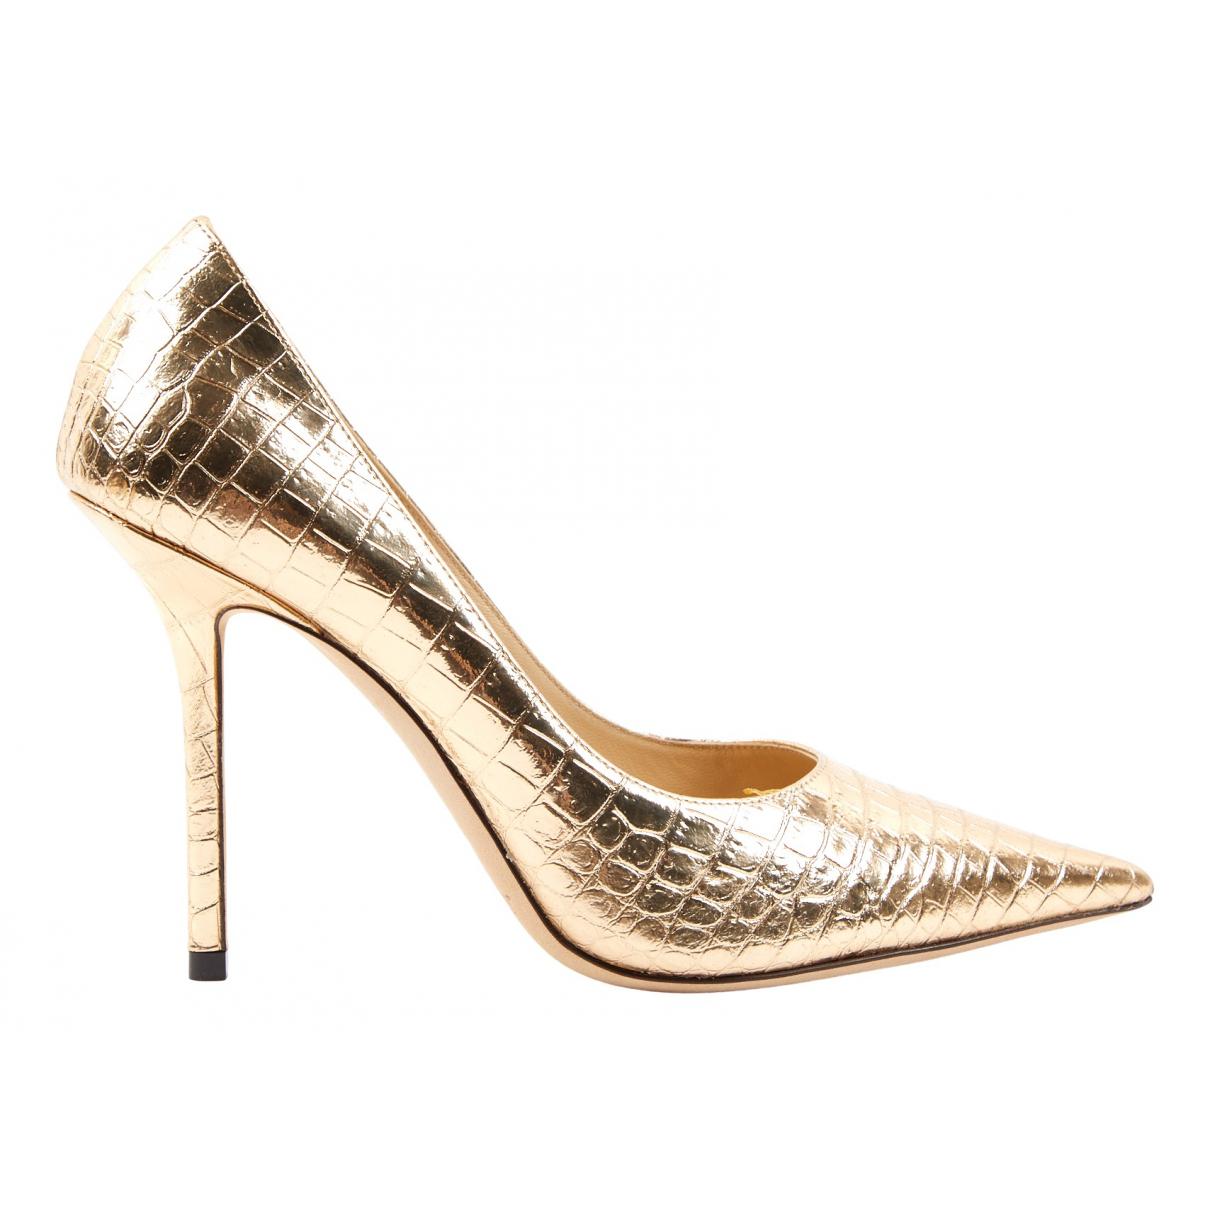 Jimmy Choo N Gold Leather Heels for Women 37.5 IT